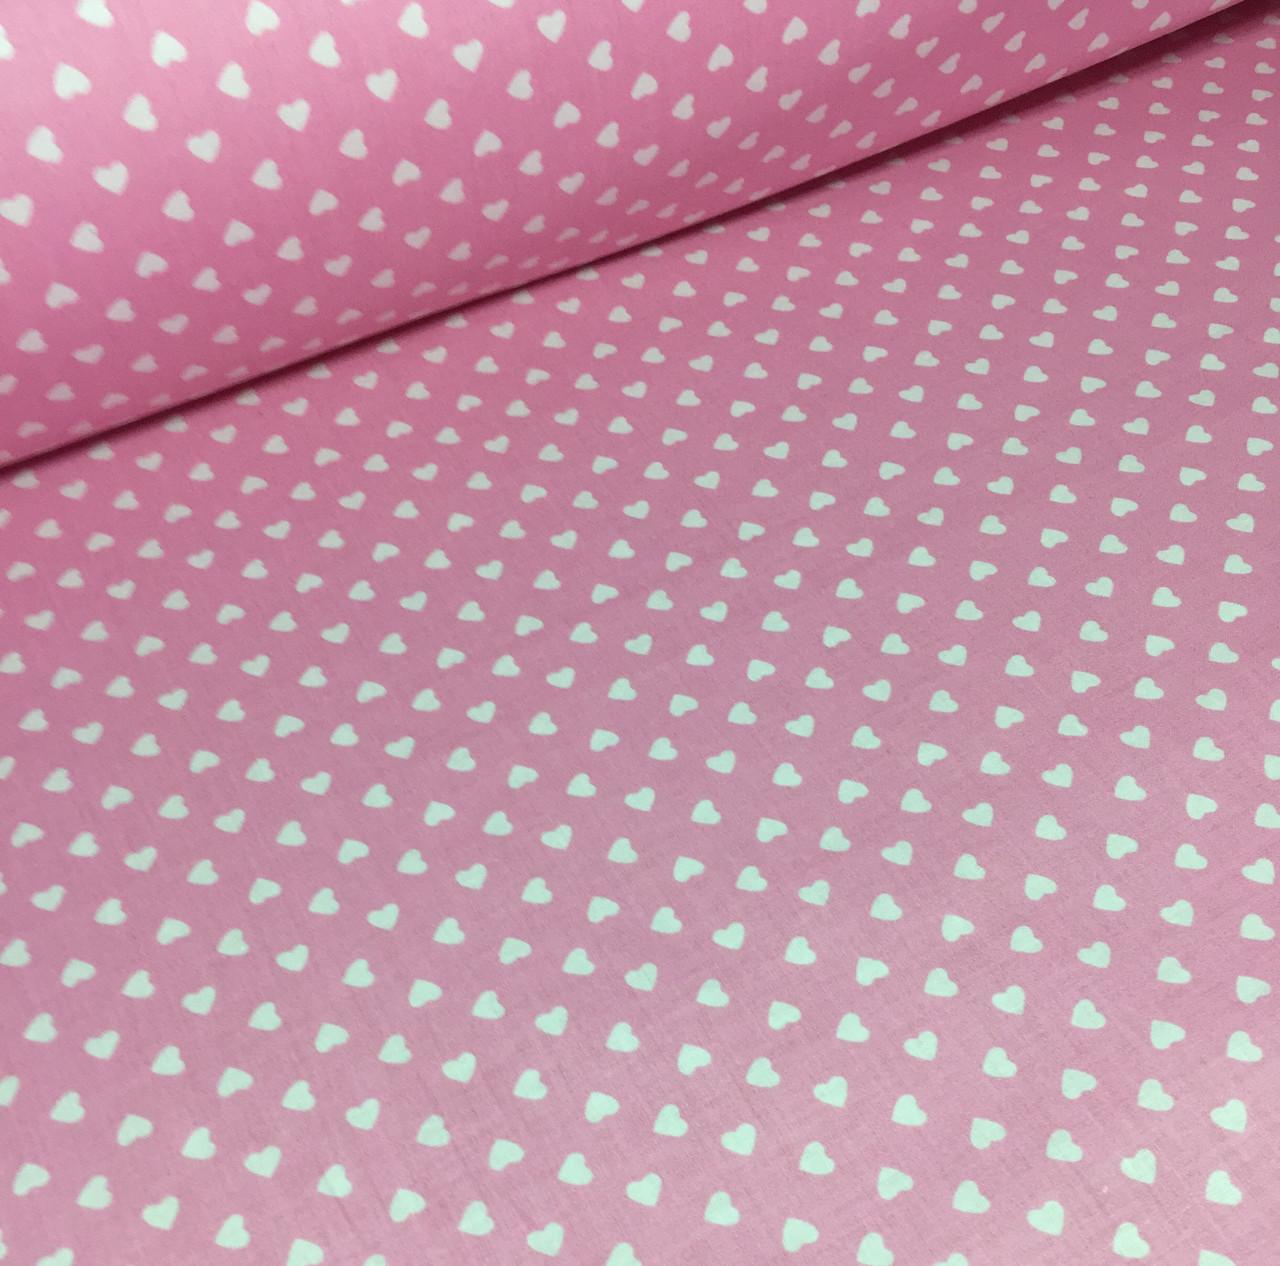 Хлопковая ткань польская шлифованная белые сердца (мелкие) на розовом №393